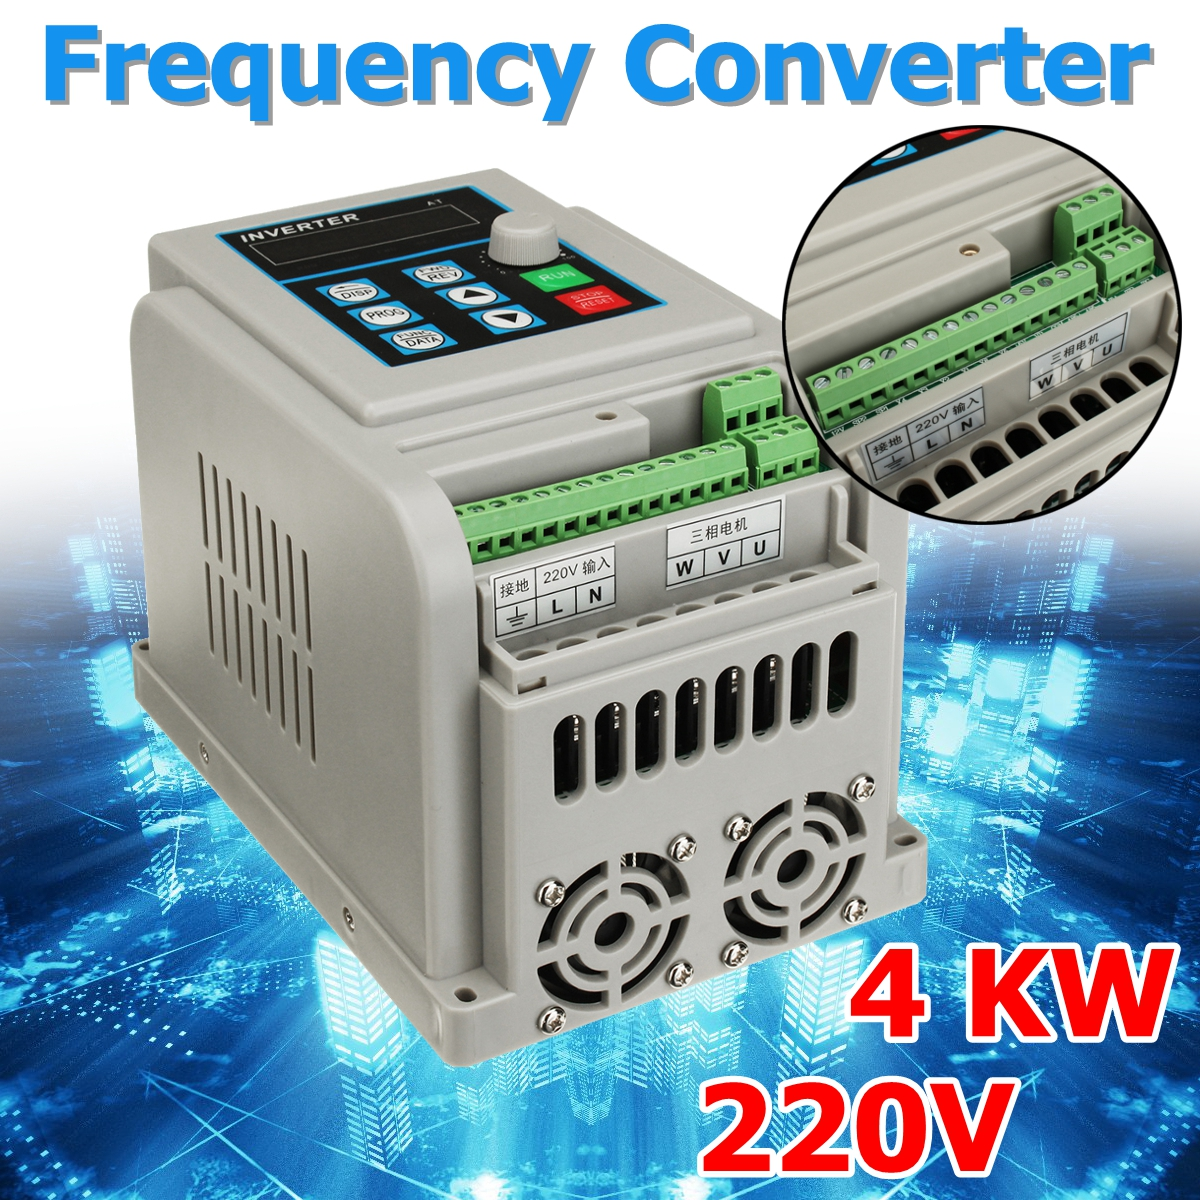 AC 220 V convertisseur de fréquence 4KW variateur de fréquence Convertisseur VFD régulateur de vitesse Convertisseur